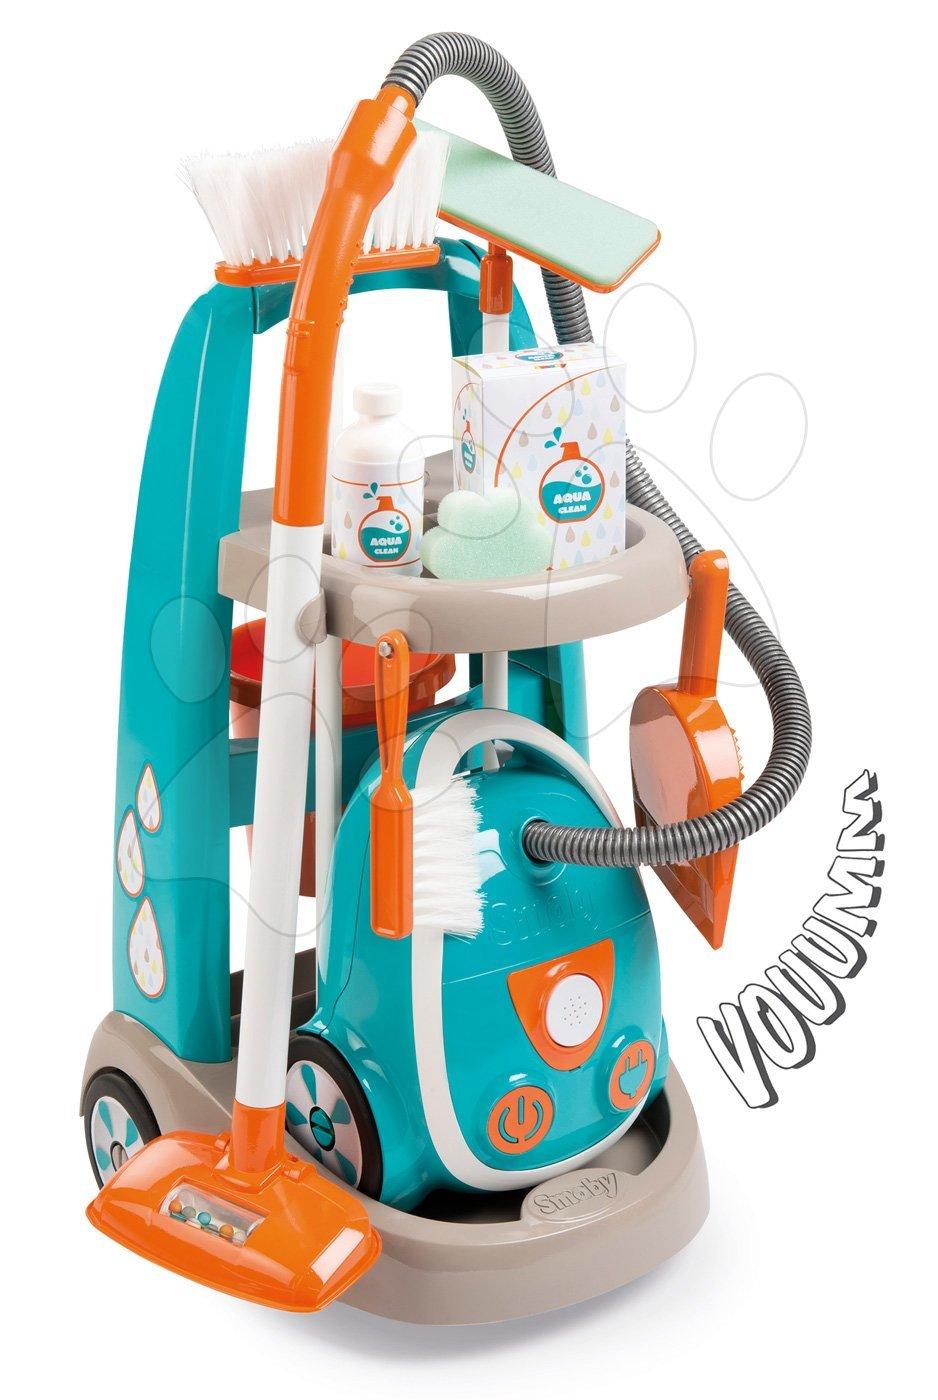 Cărucior pentru curăţenie cu aspirator electronic Vacuum Cleaner Smoby turcoaz cu 9 accesorii